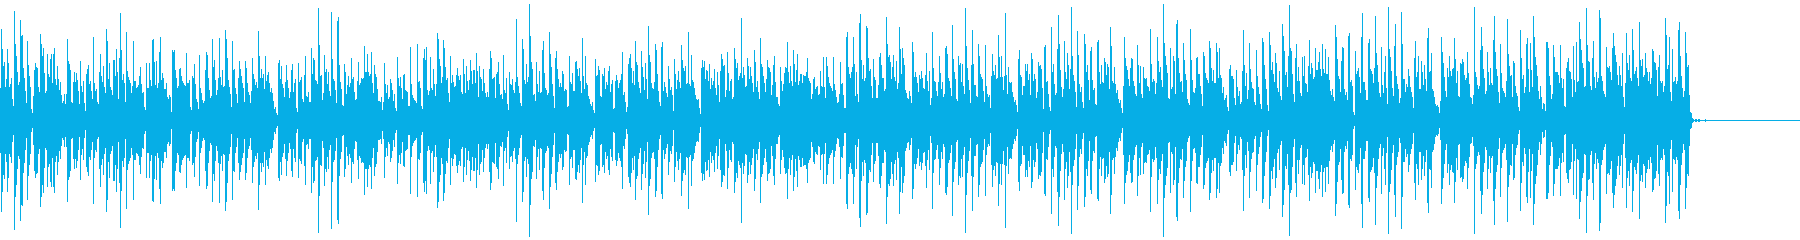 【テクノ・口笛】CM・動画・ジングルの再生済みの波形